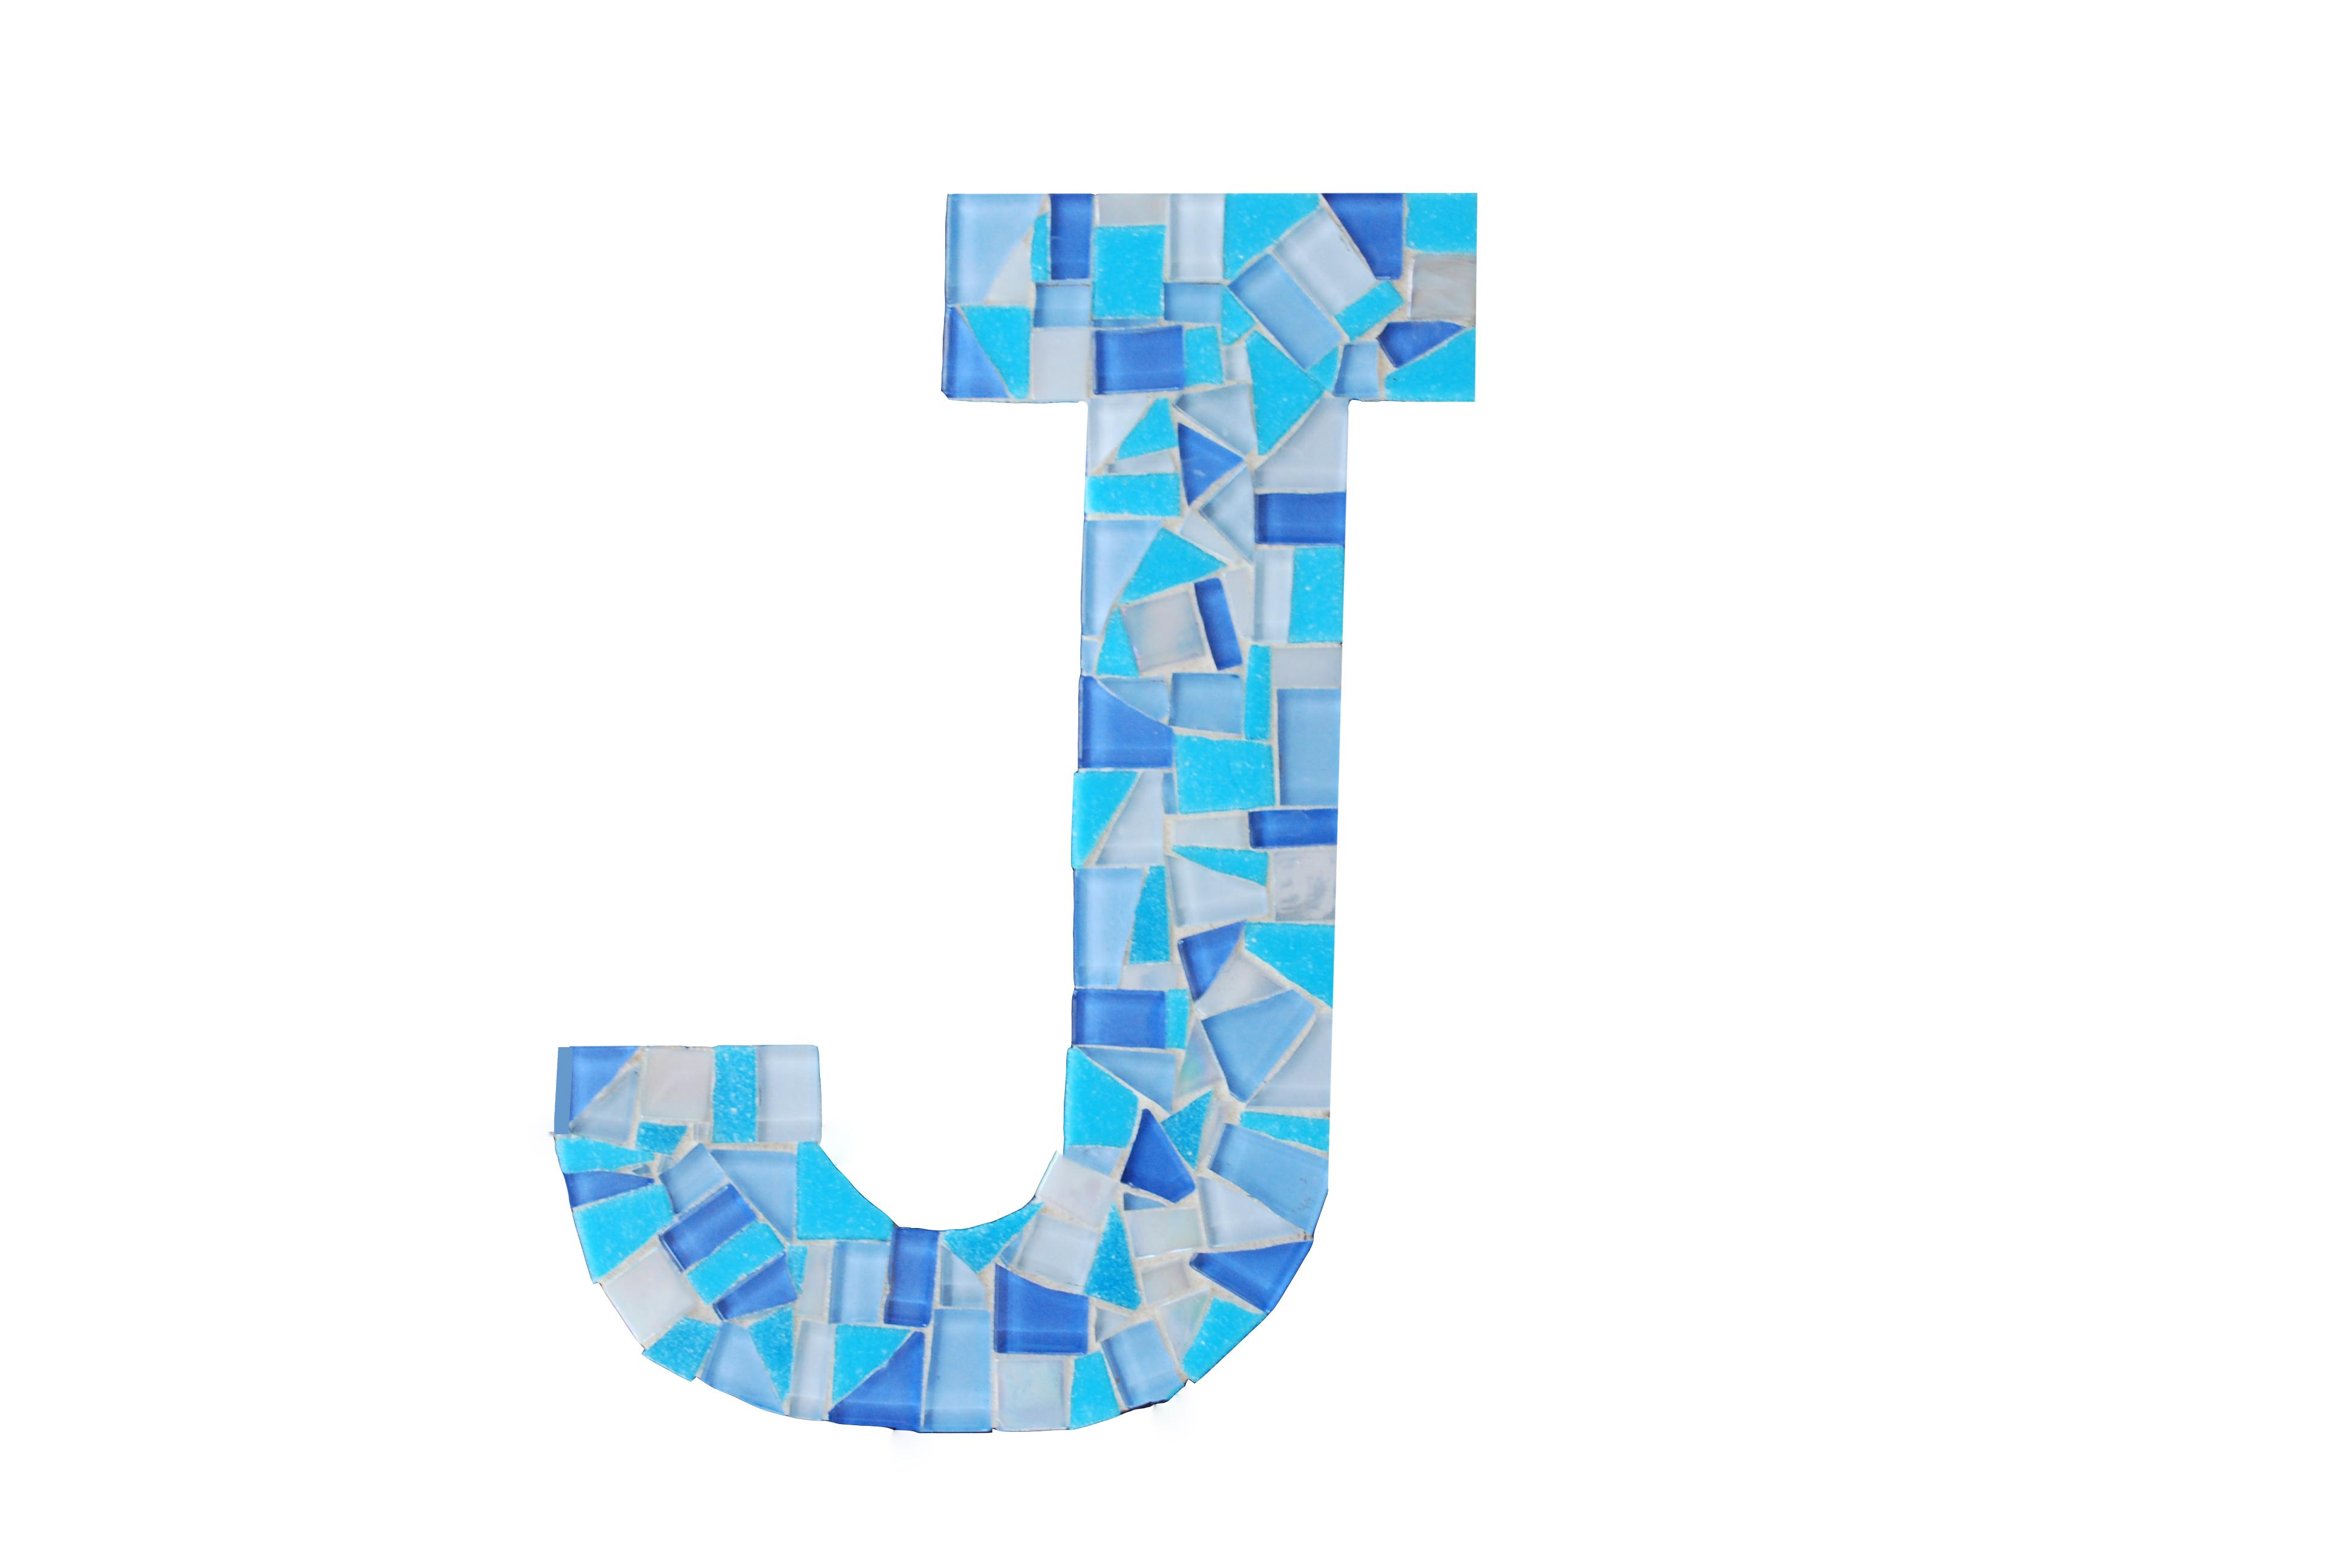 pT7rG4zBc J Bubble Letter Template on bubble letter banners, bubble letter animations, bubble print out letters trace, bubble letter fonts, bubble letters to trace, bubble letter examples, bubble letter charts, bubble sheet template, bubble letter posters, bubble letters coloring pages, bubble letter printables, bubble letter patterns, bubble letter tags, bubble letter backgrounds, bubble letter design, bubble letter graphics, bubble letter stencils, bubble letter tutorial, bubble letter poetry, bubble letter tools,